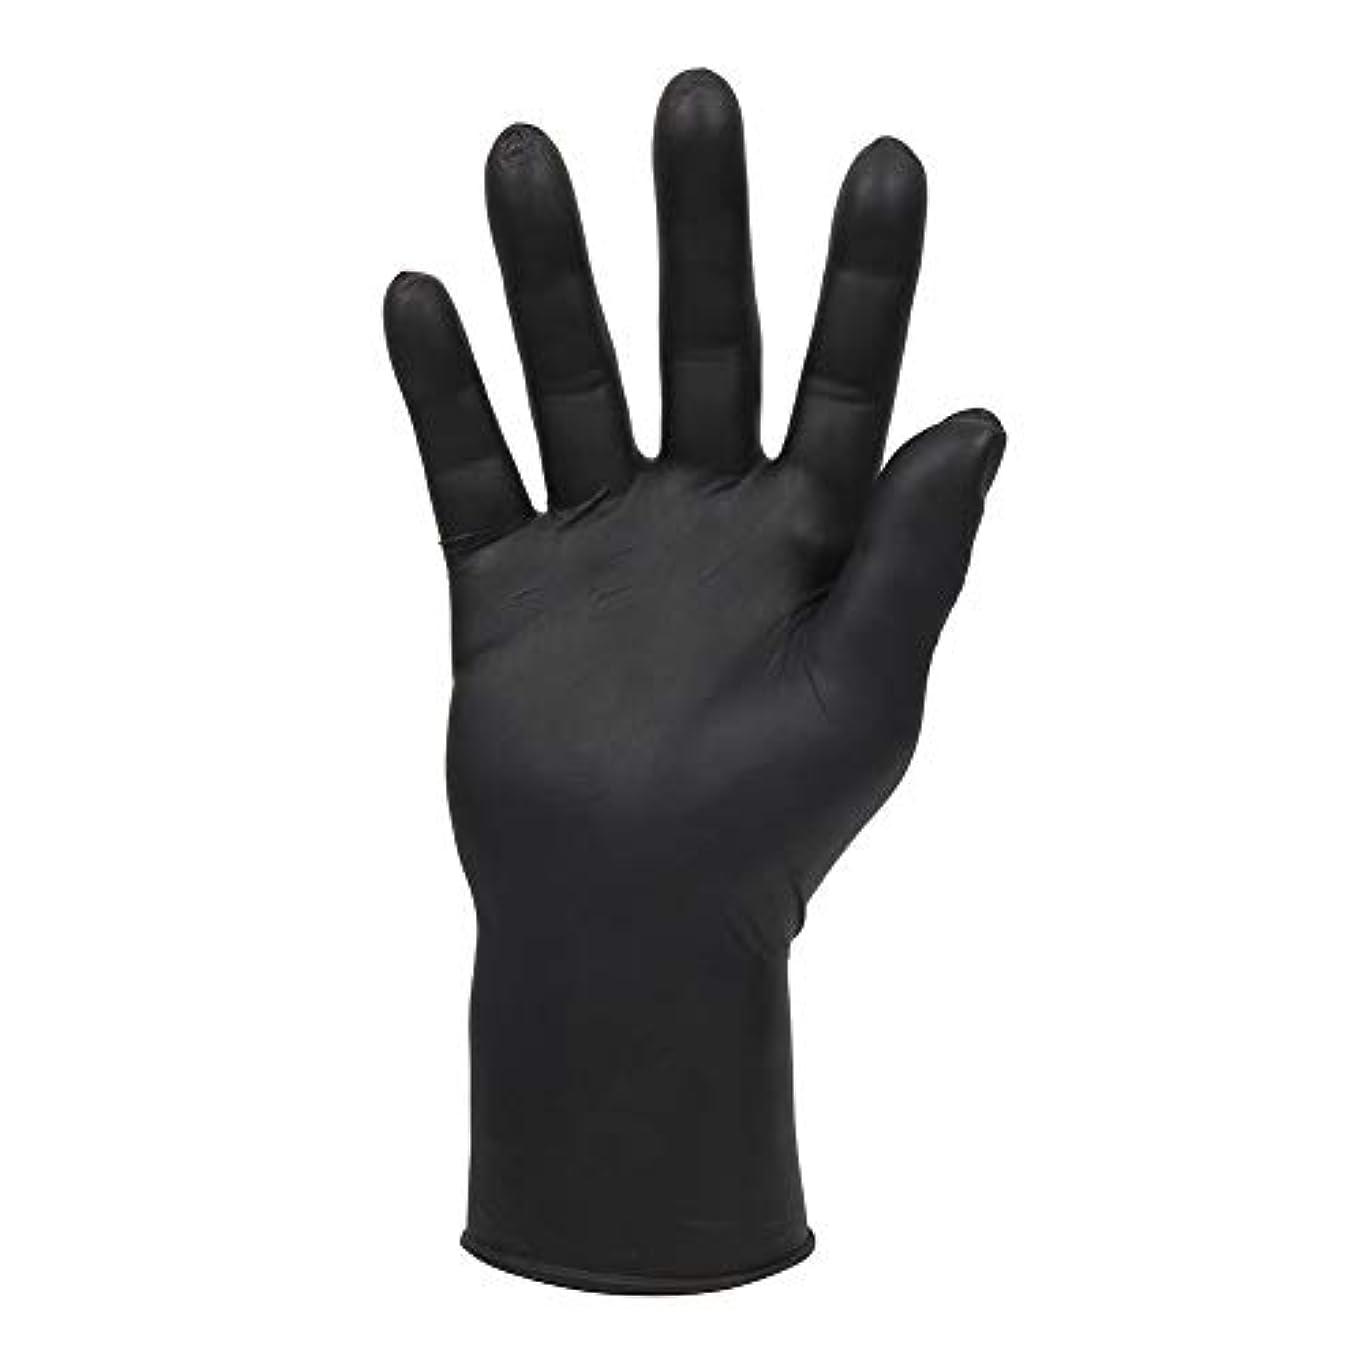 消毒するさせる意気込みLuka 9インチ 使い捨て ニトリル 静電気防止手袋 ゴム製手袋